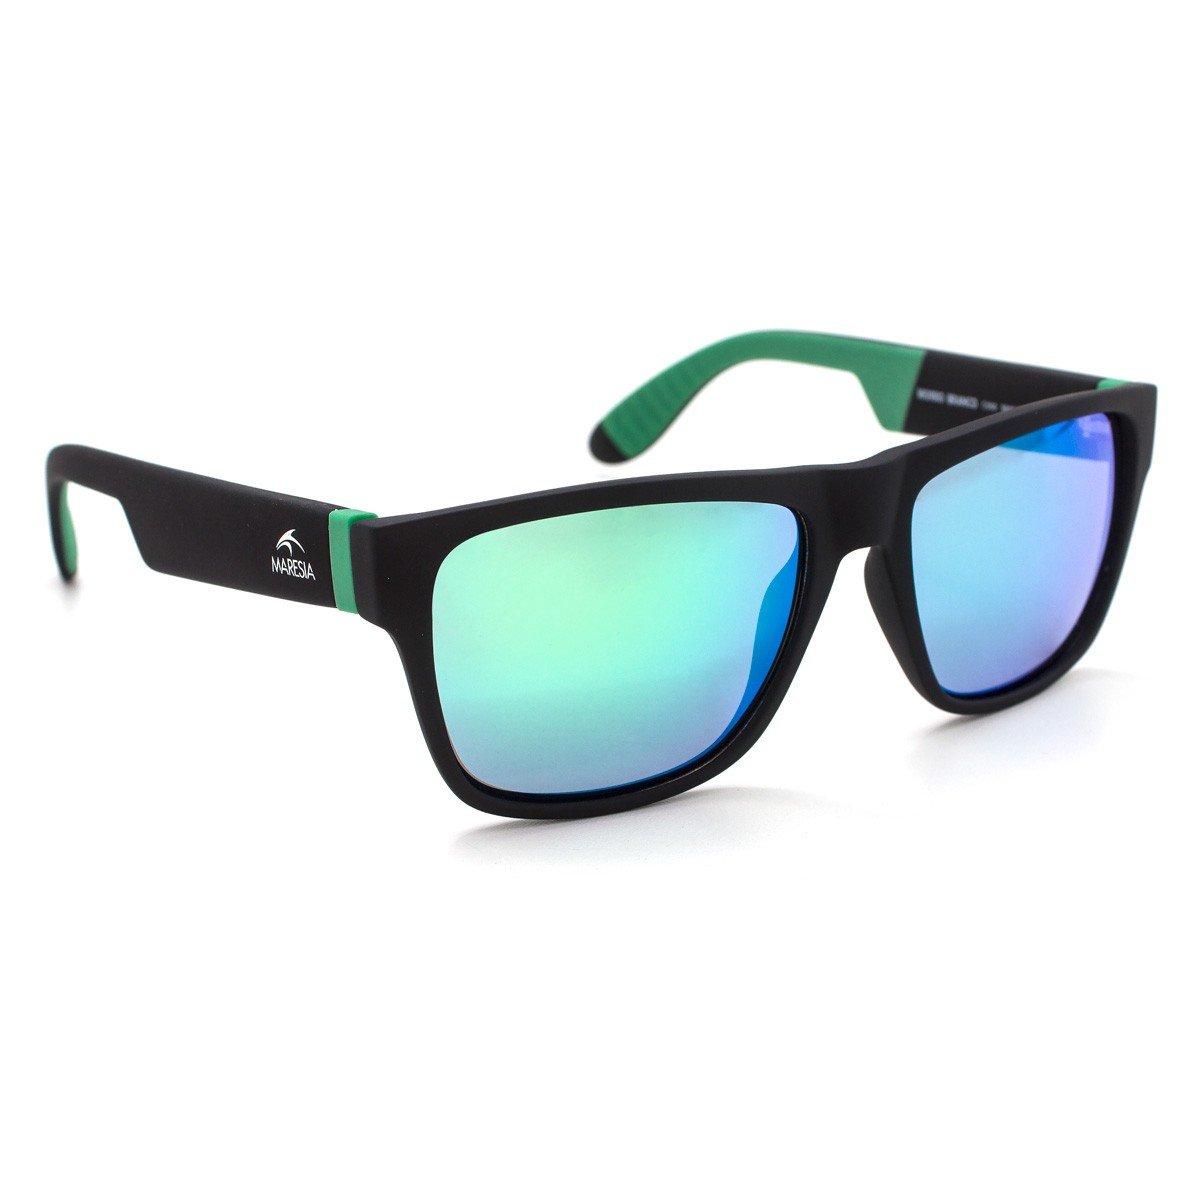 3f81ee98757f6 Óculos De Sol Maresia Morro Branco - Compre Agora   Netshoes